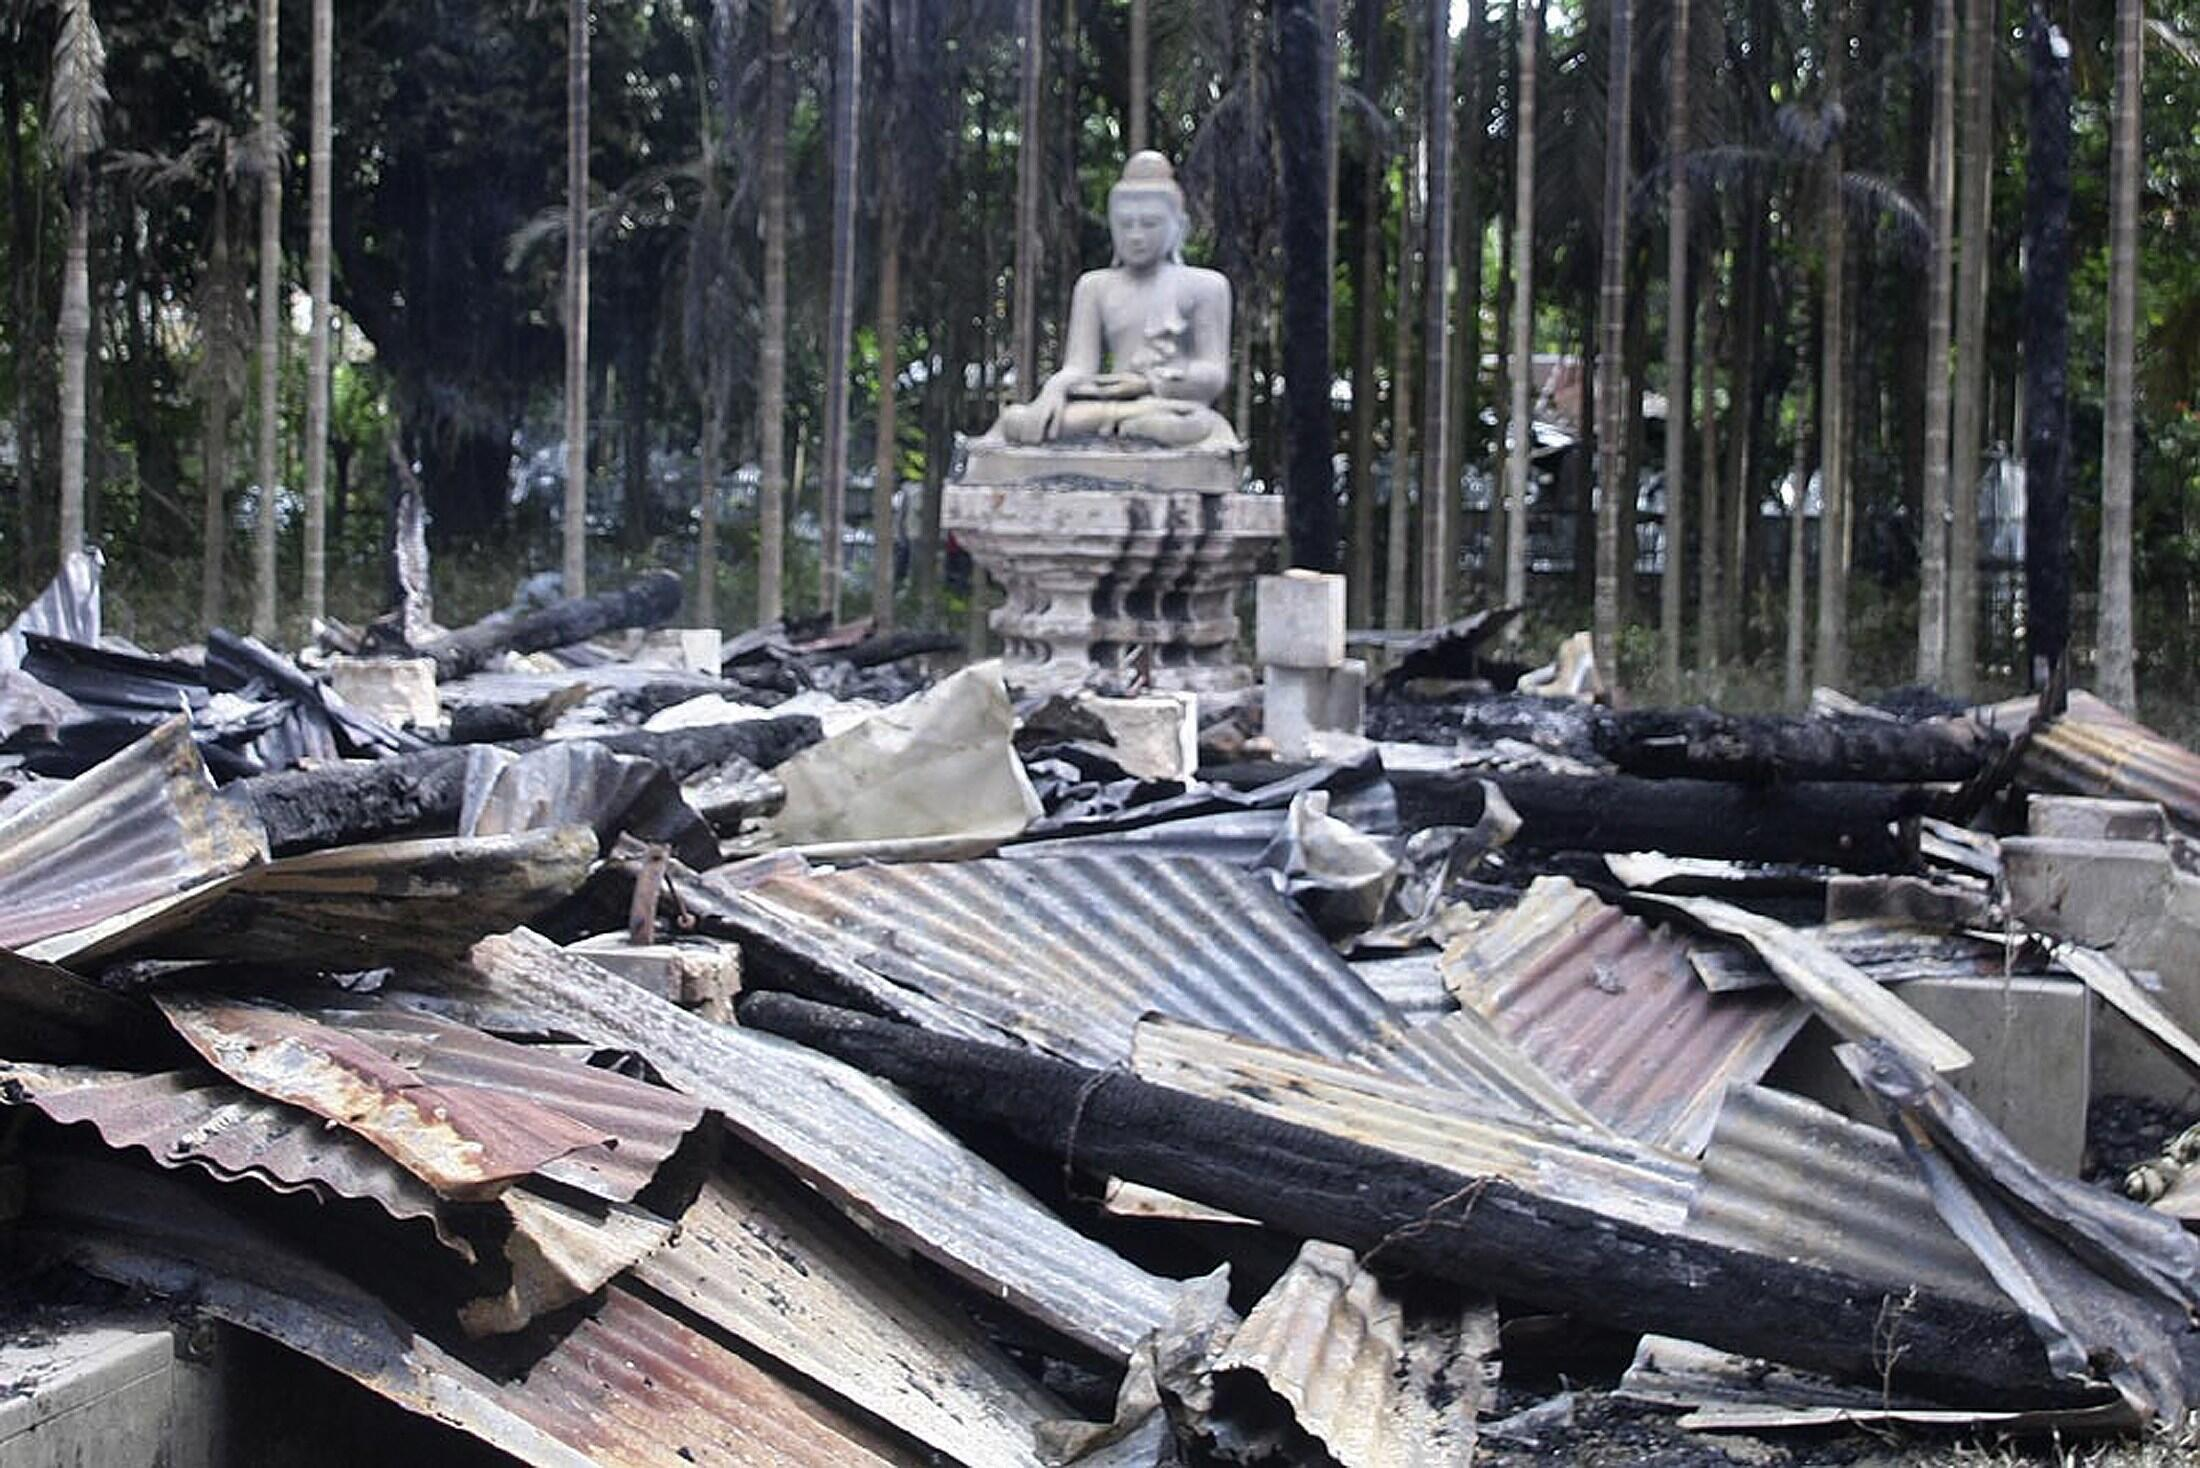 یک معبد بودایی که در محلۀ Cox's Bazar توسط مسلمانان به آتش کشیده شد.